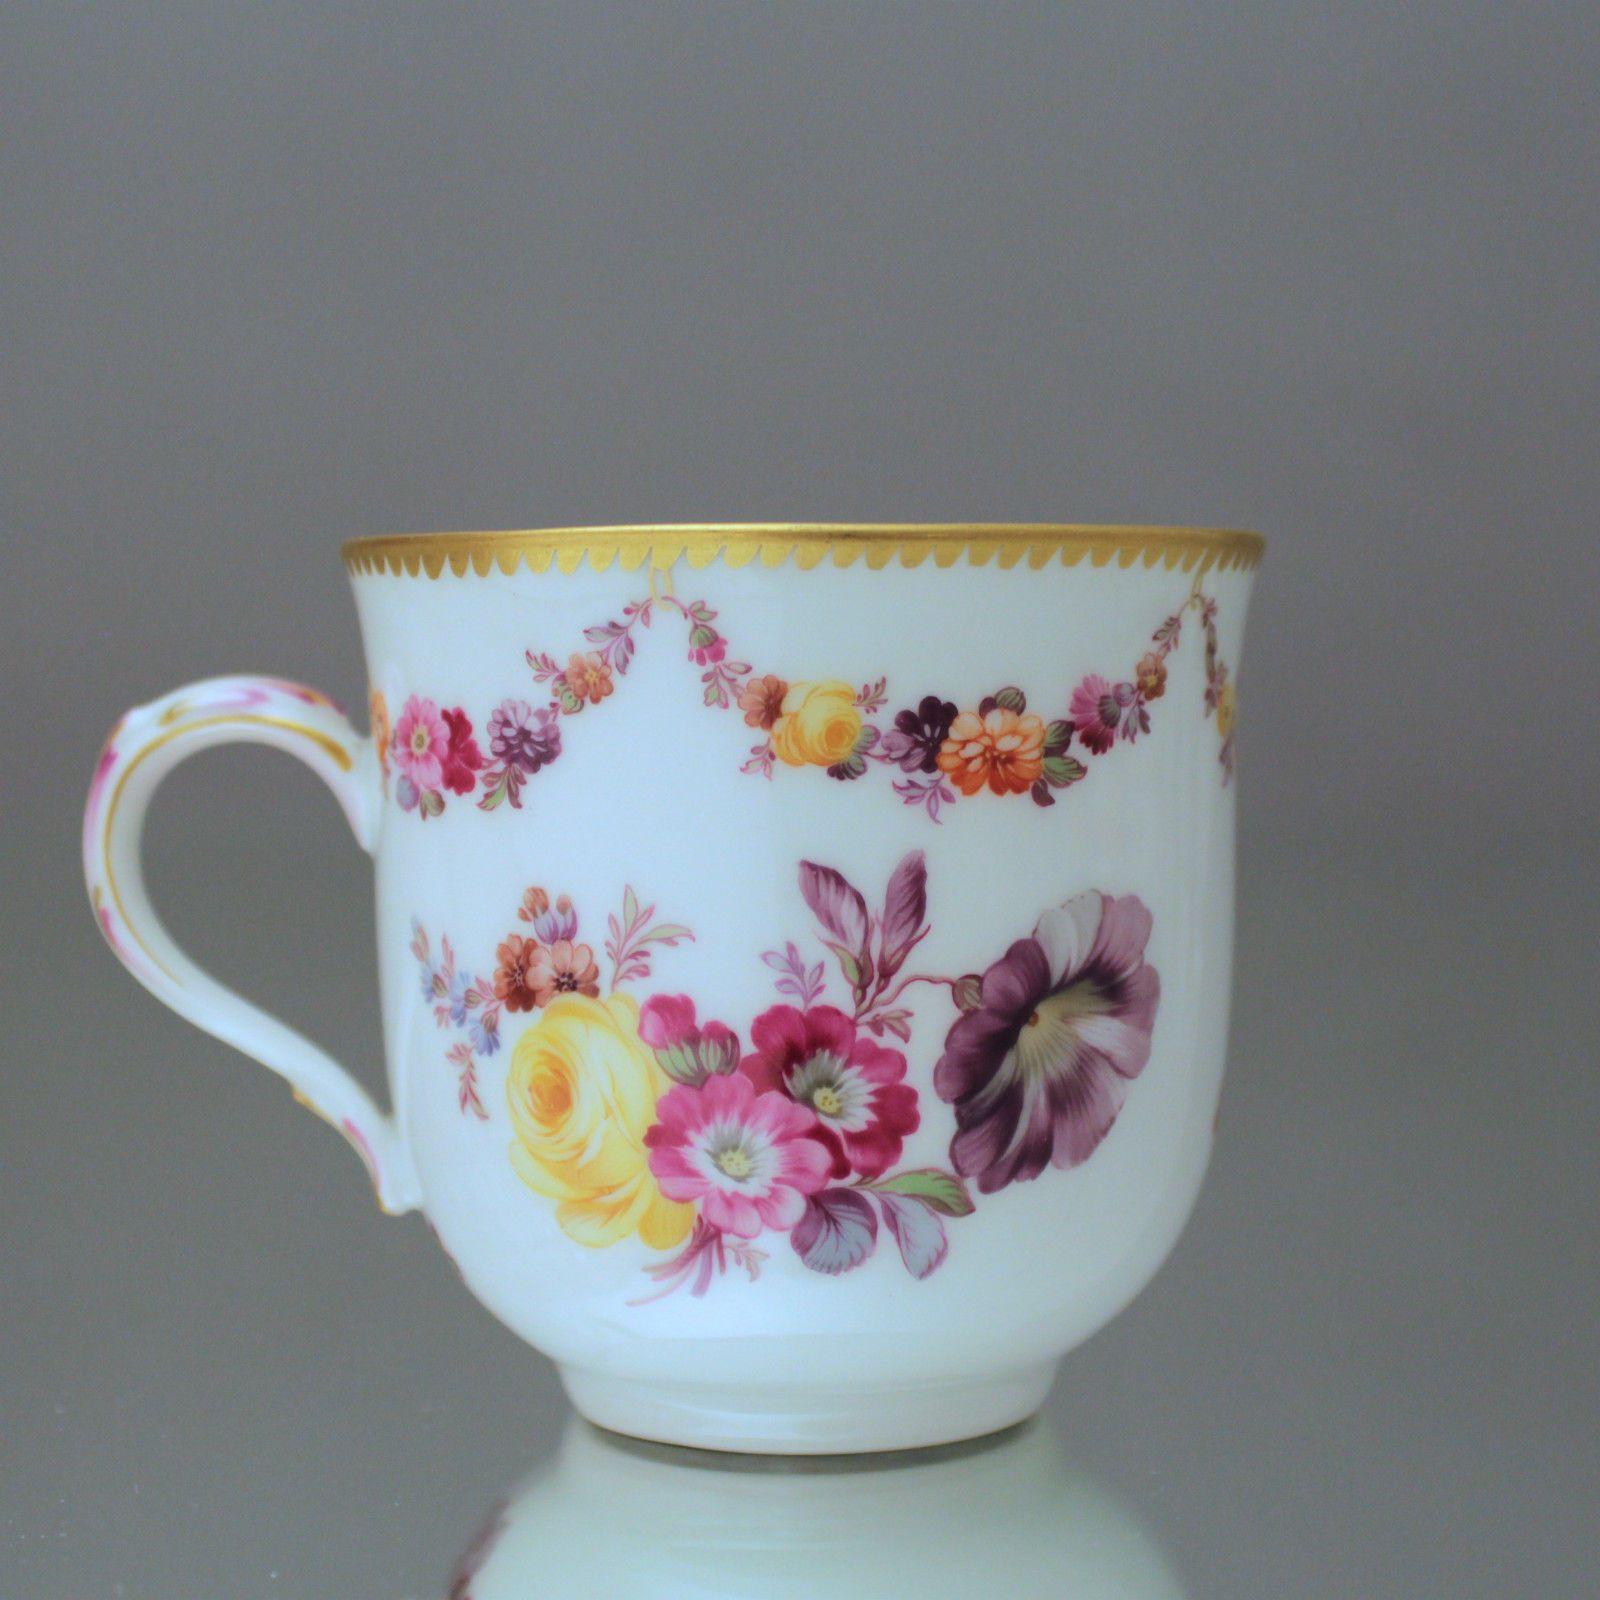 KPM Berlin: Kaffeetasse mit Blumengirlanden Blumen Vielzahn Tasse Jugendstil cup in Antiquitäten & Kunst, Porzellan & Keramik, Porzellan | eBay